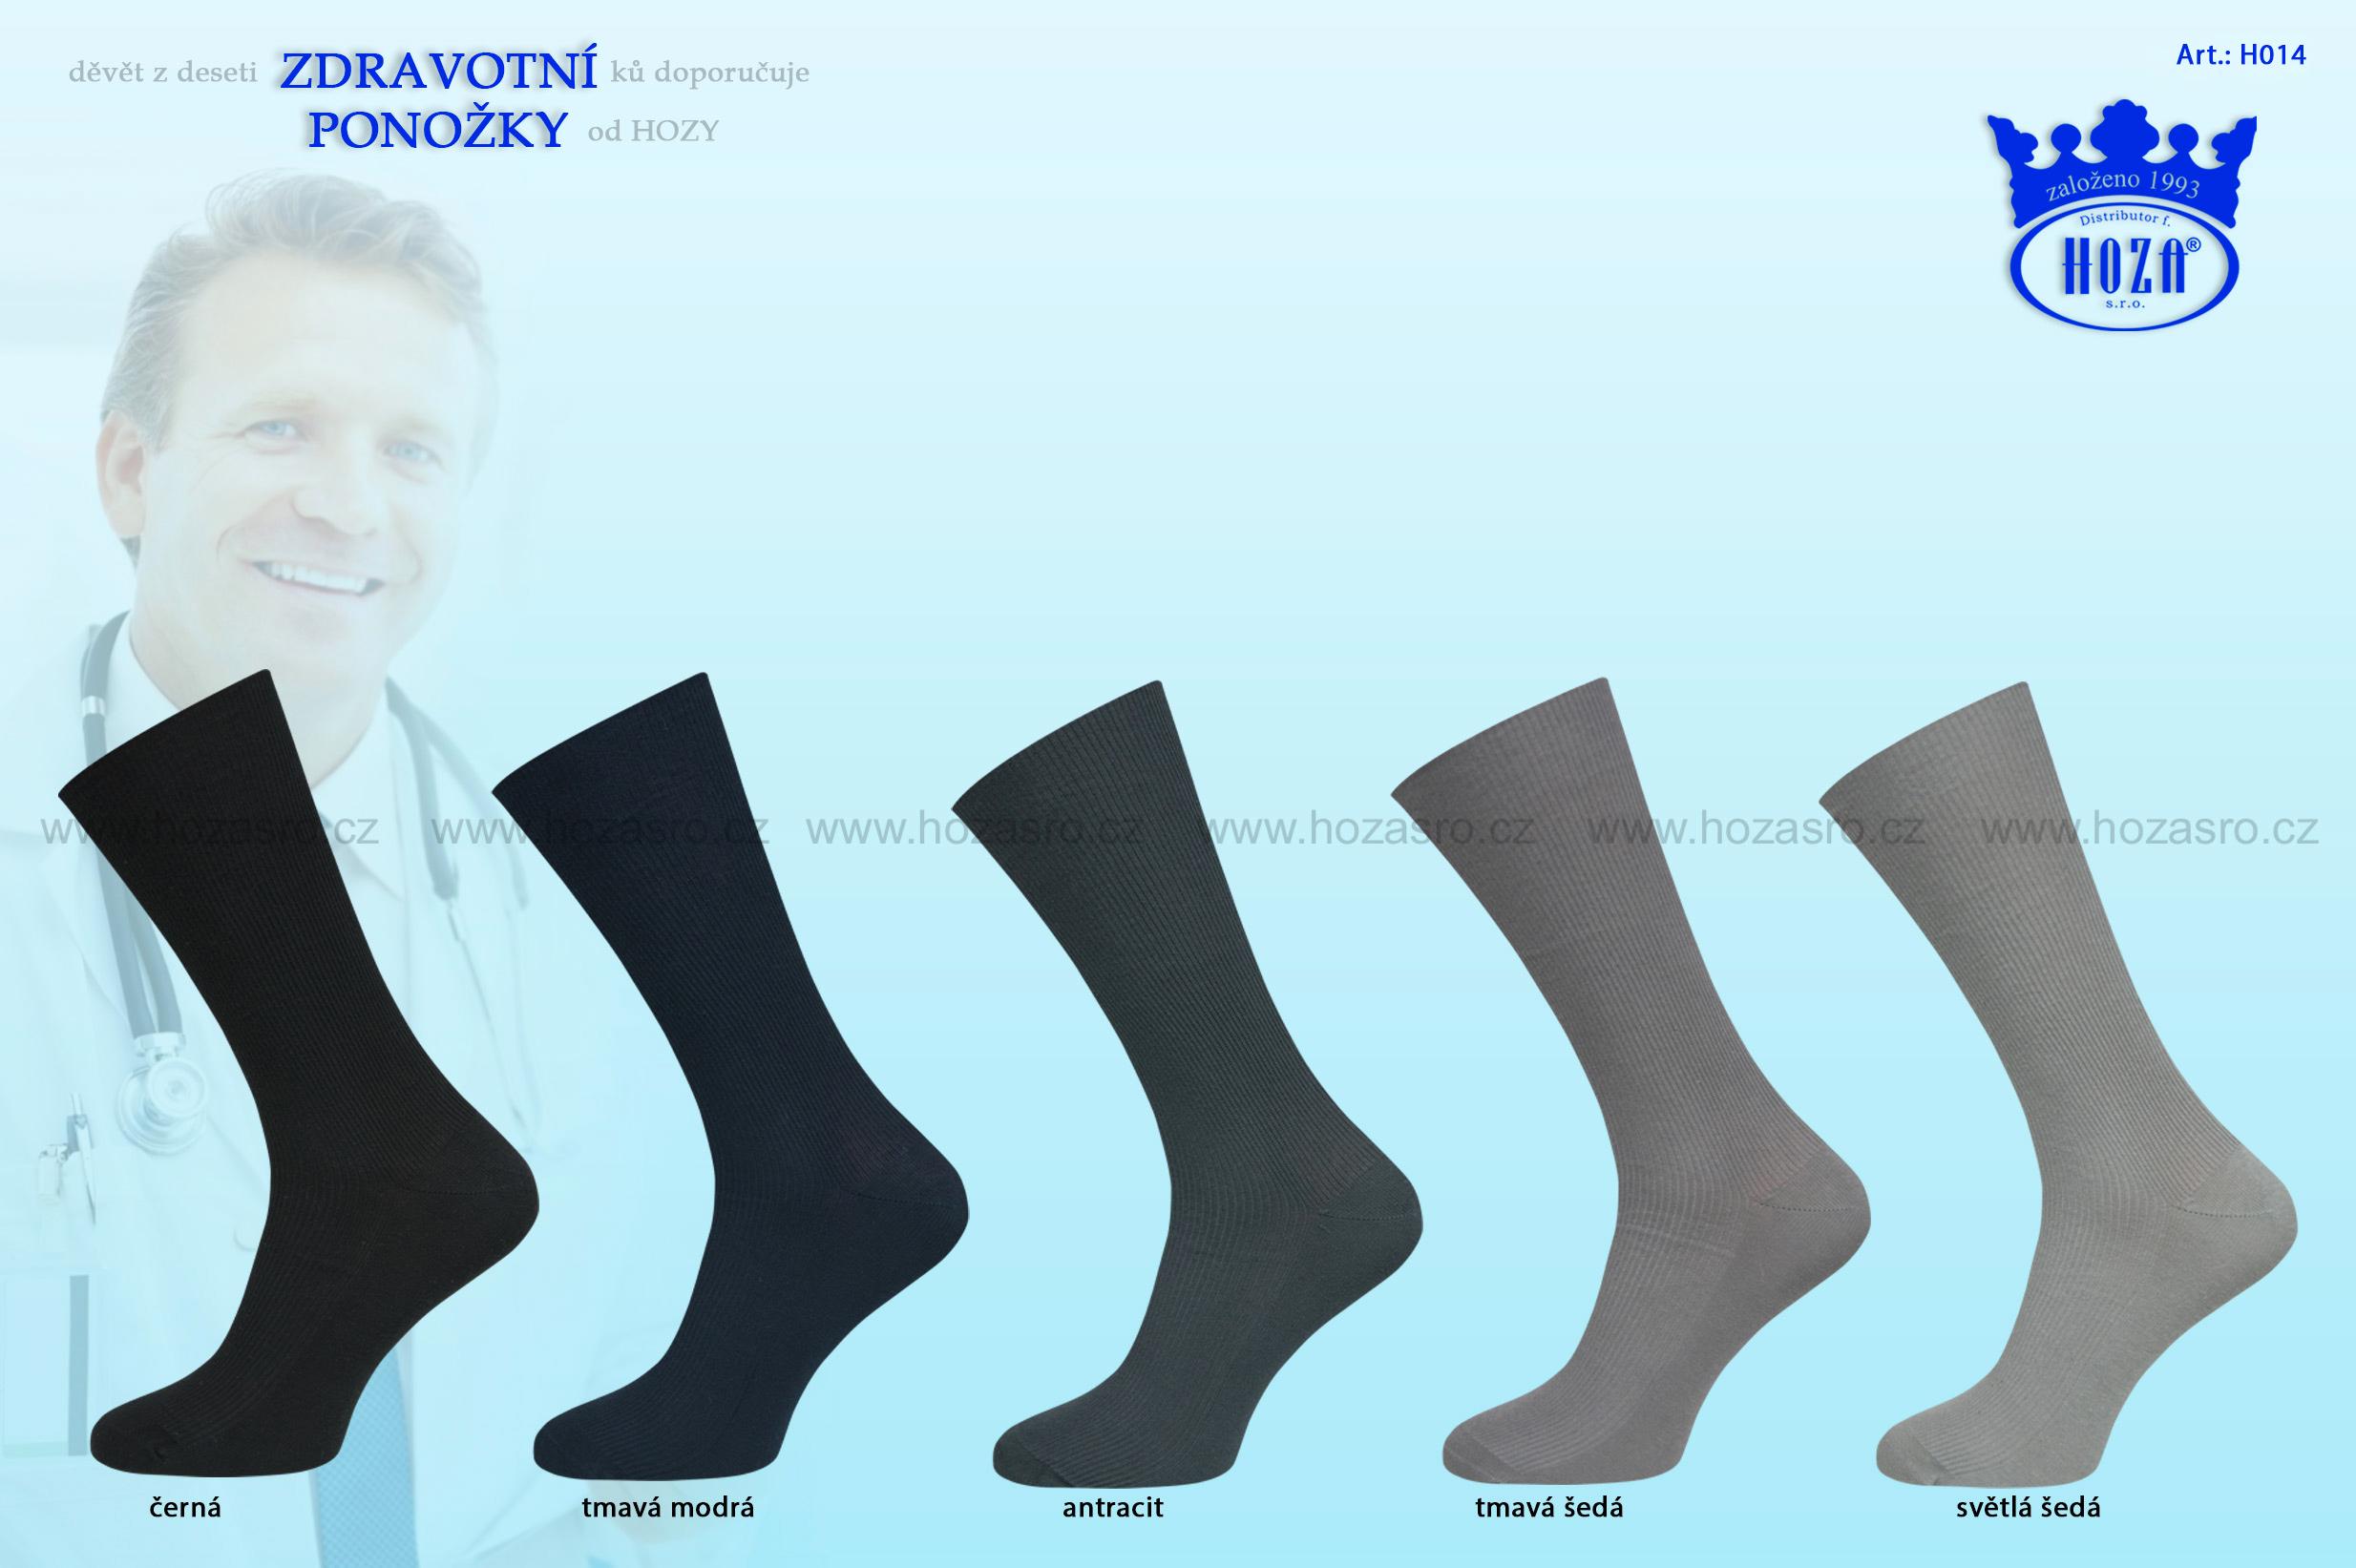 Pánské ponožky zdravotní, 100% bavlna - tmavý mix - H014